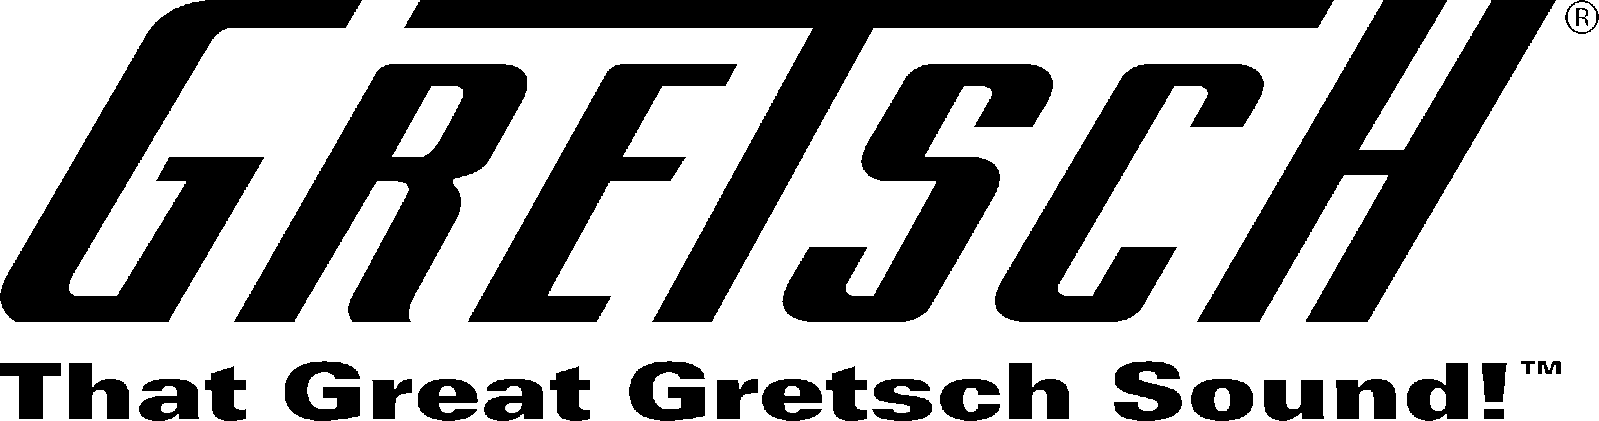 gretsch.png